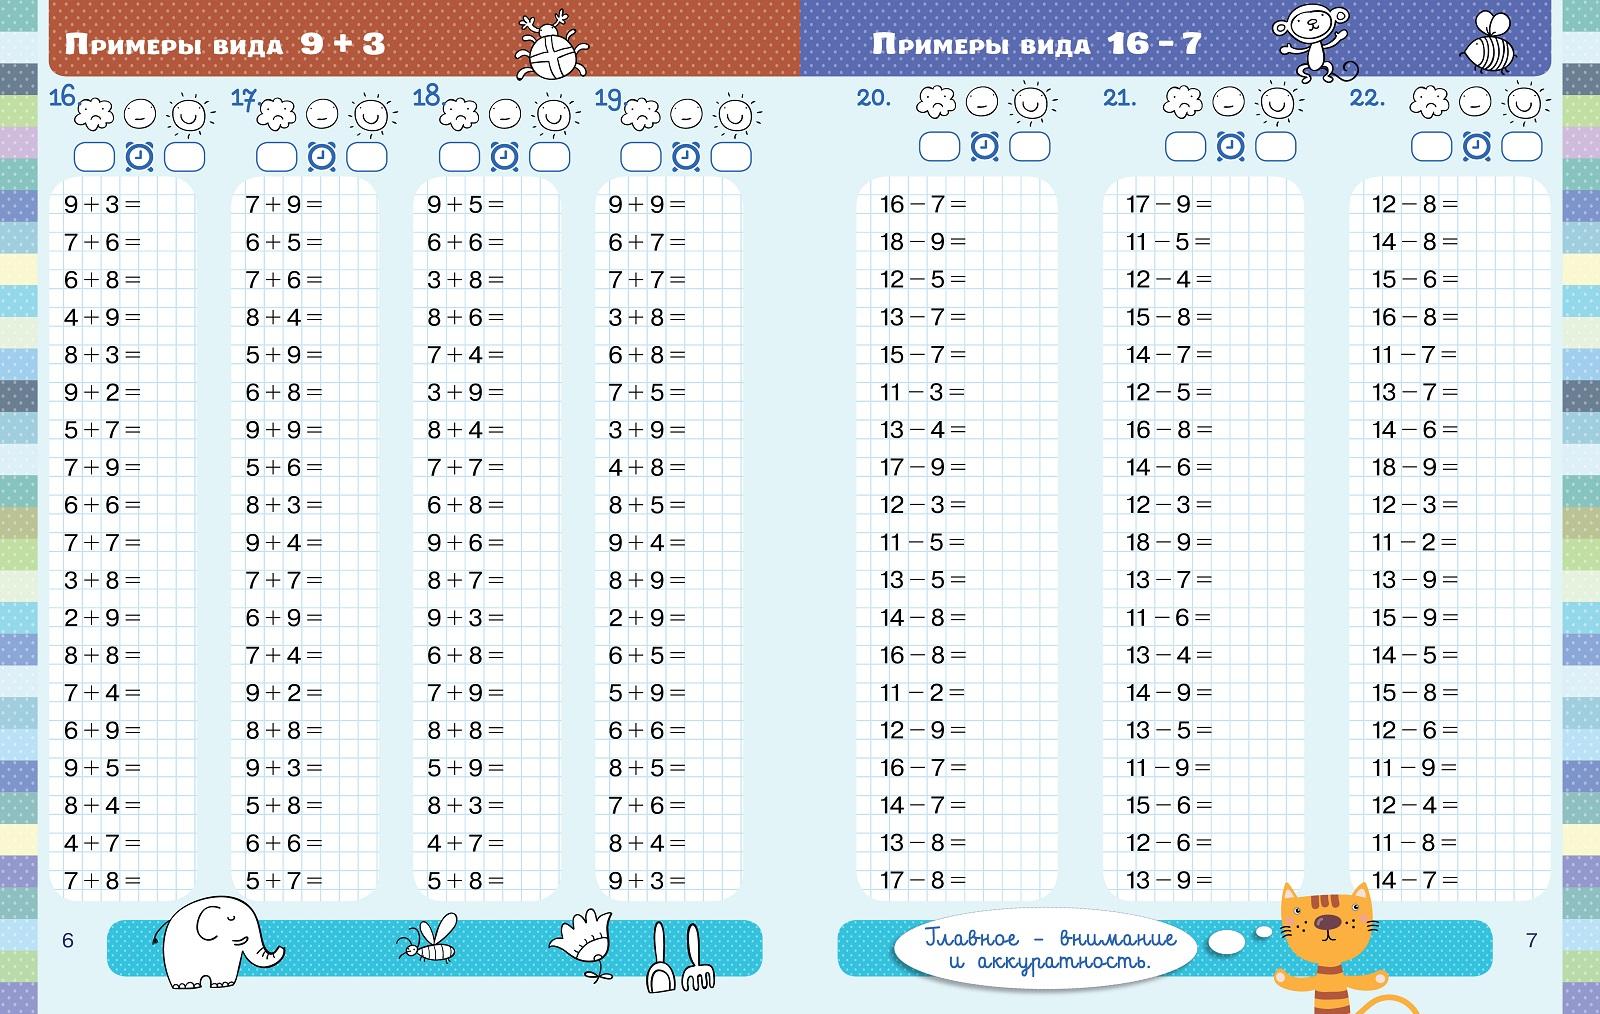 Примеры по математике для 1 класса